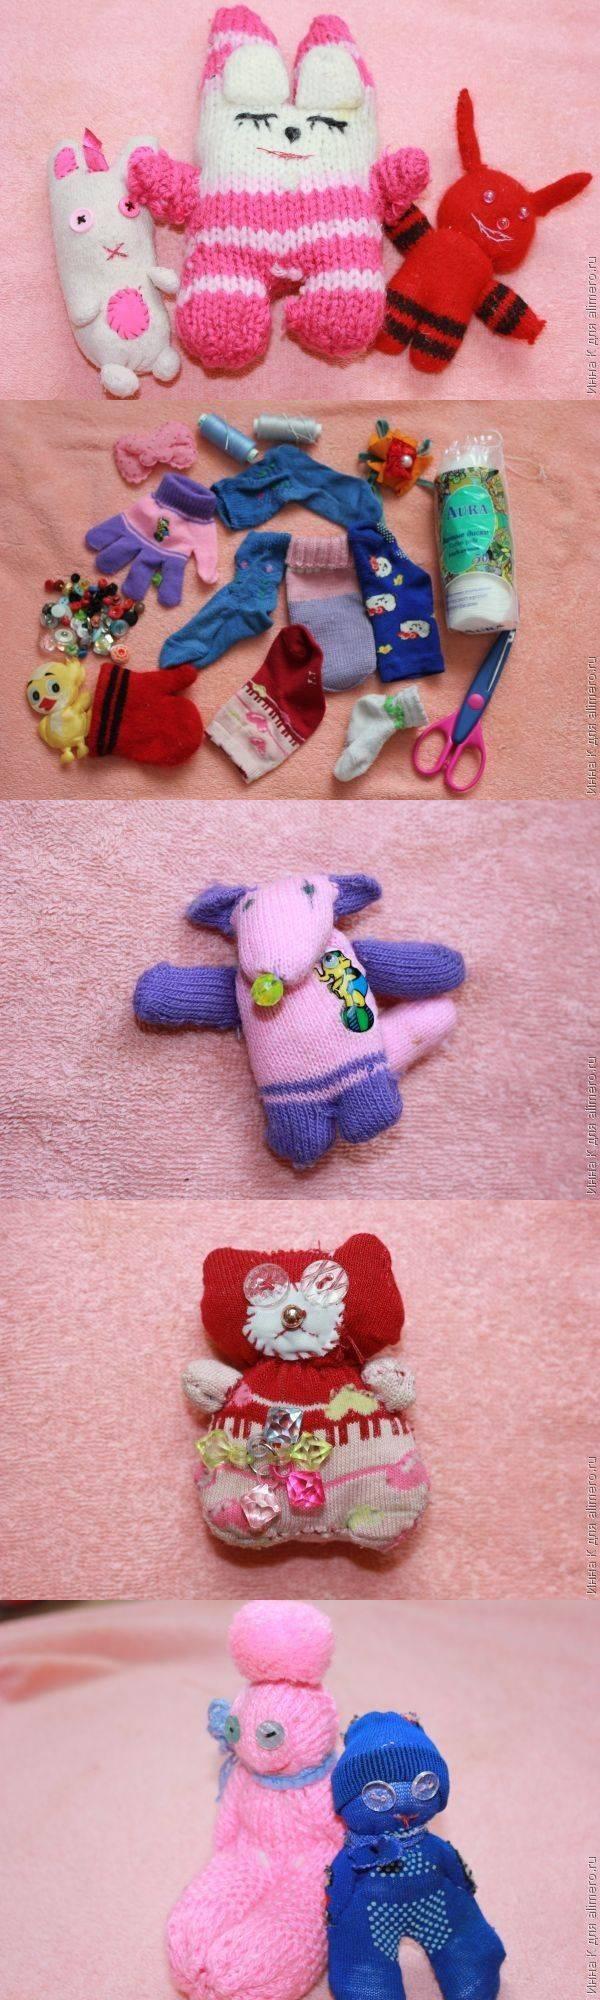 Игрушки из носков, перчаток и варежек: идеи